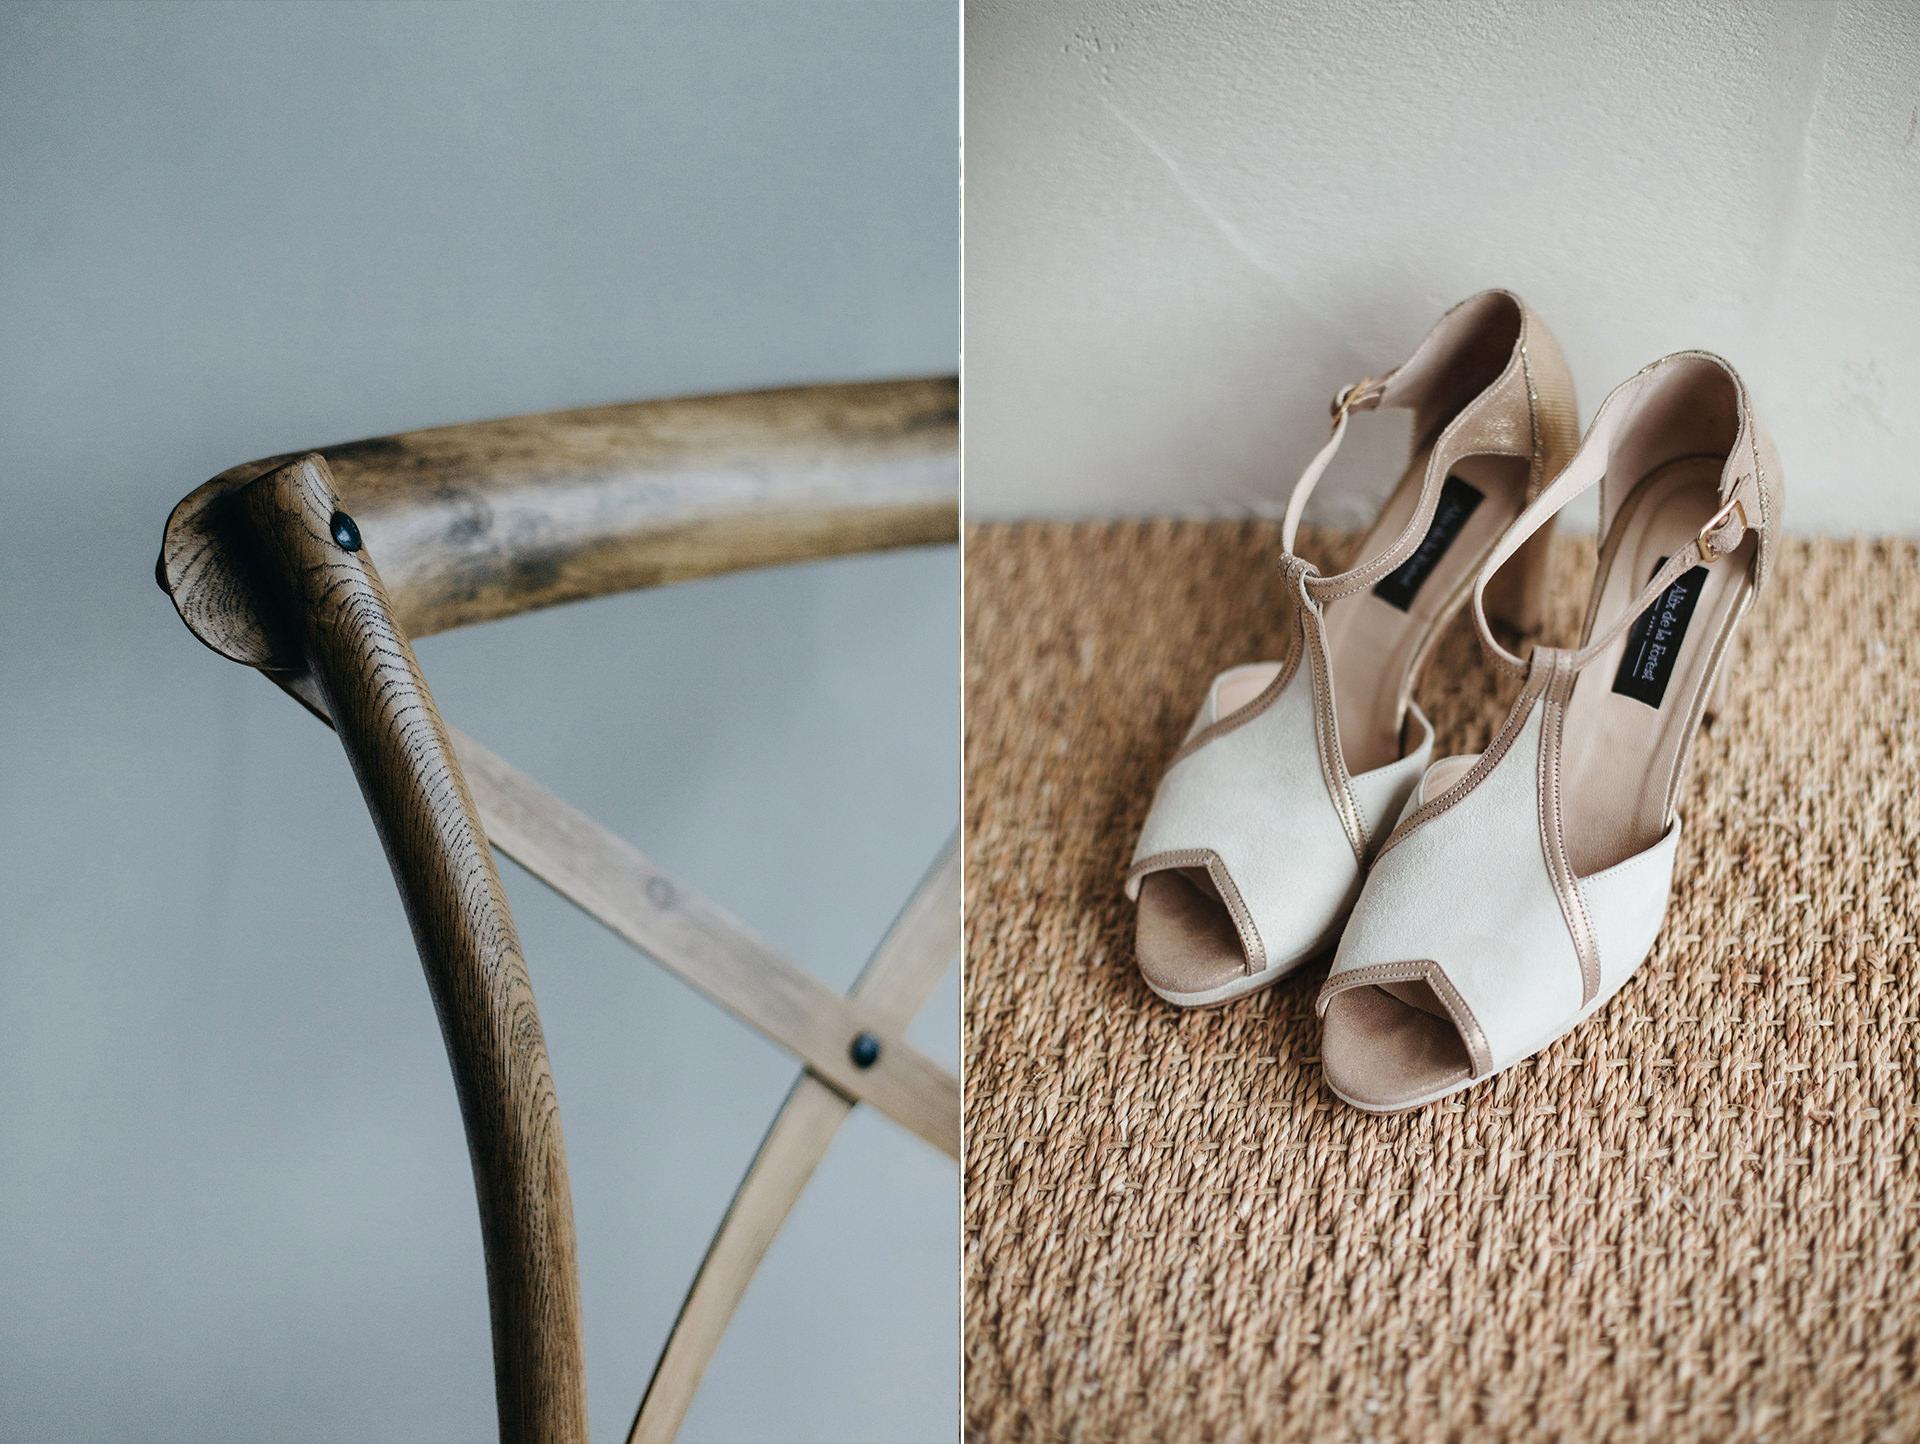 LAURA&JP-domaine_de_patras_shoes.jpg